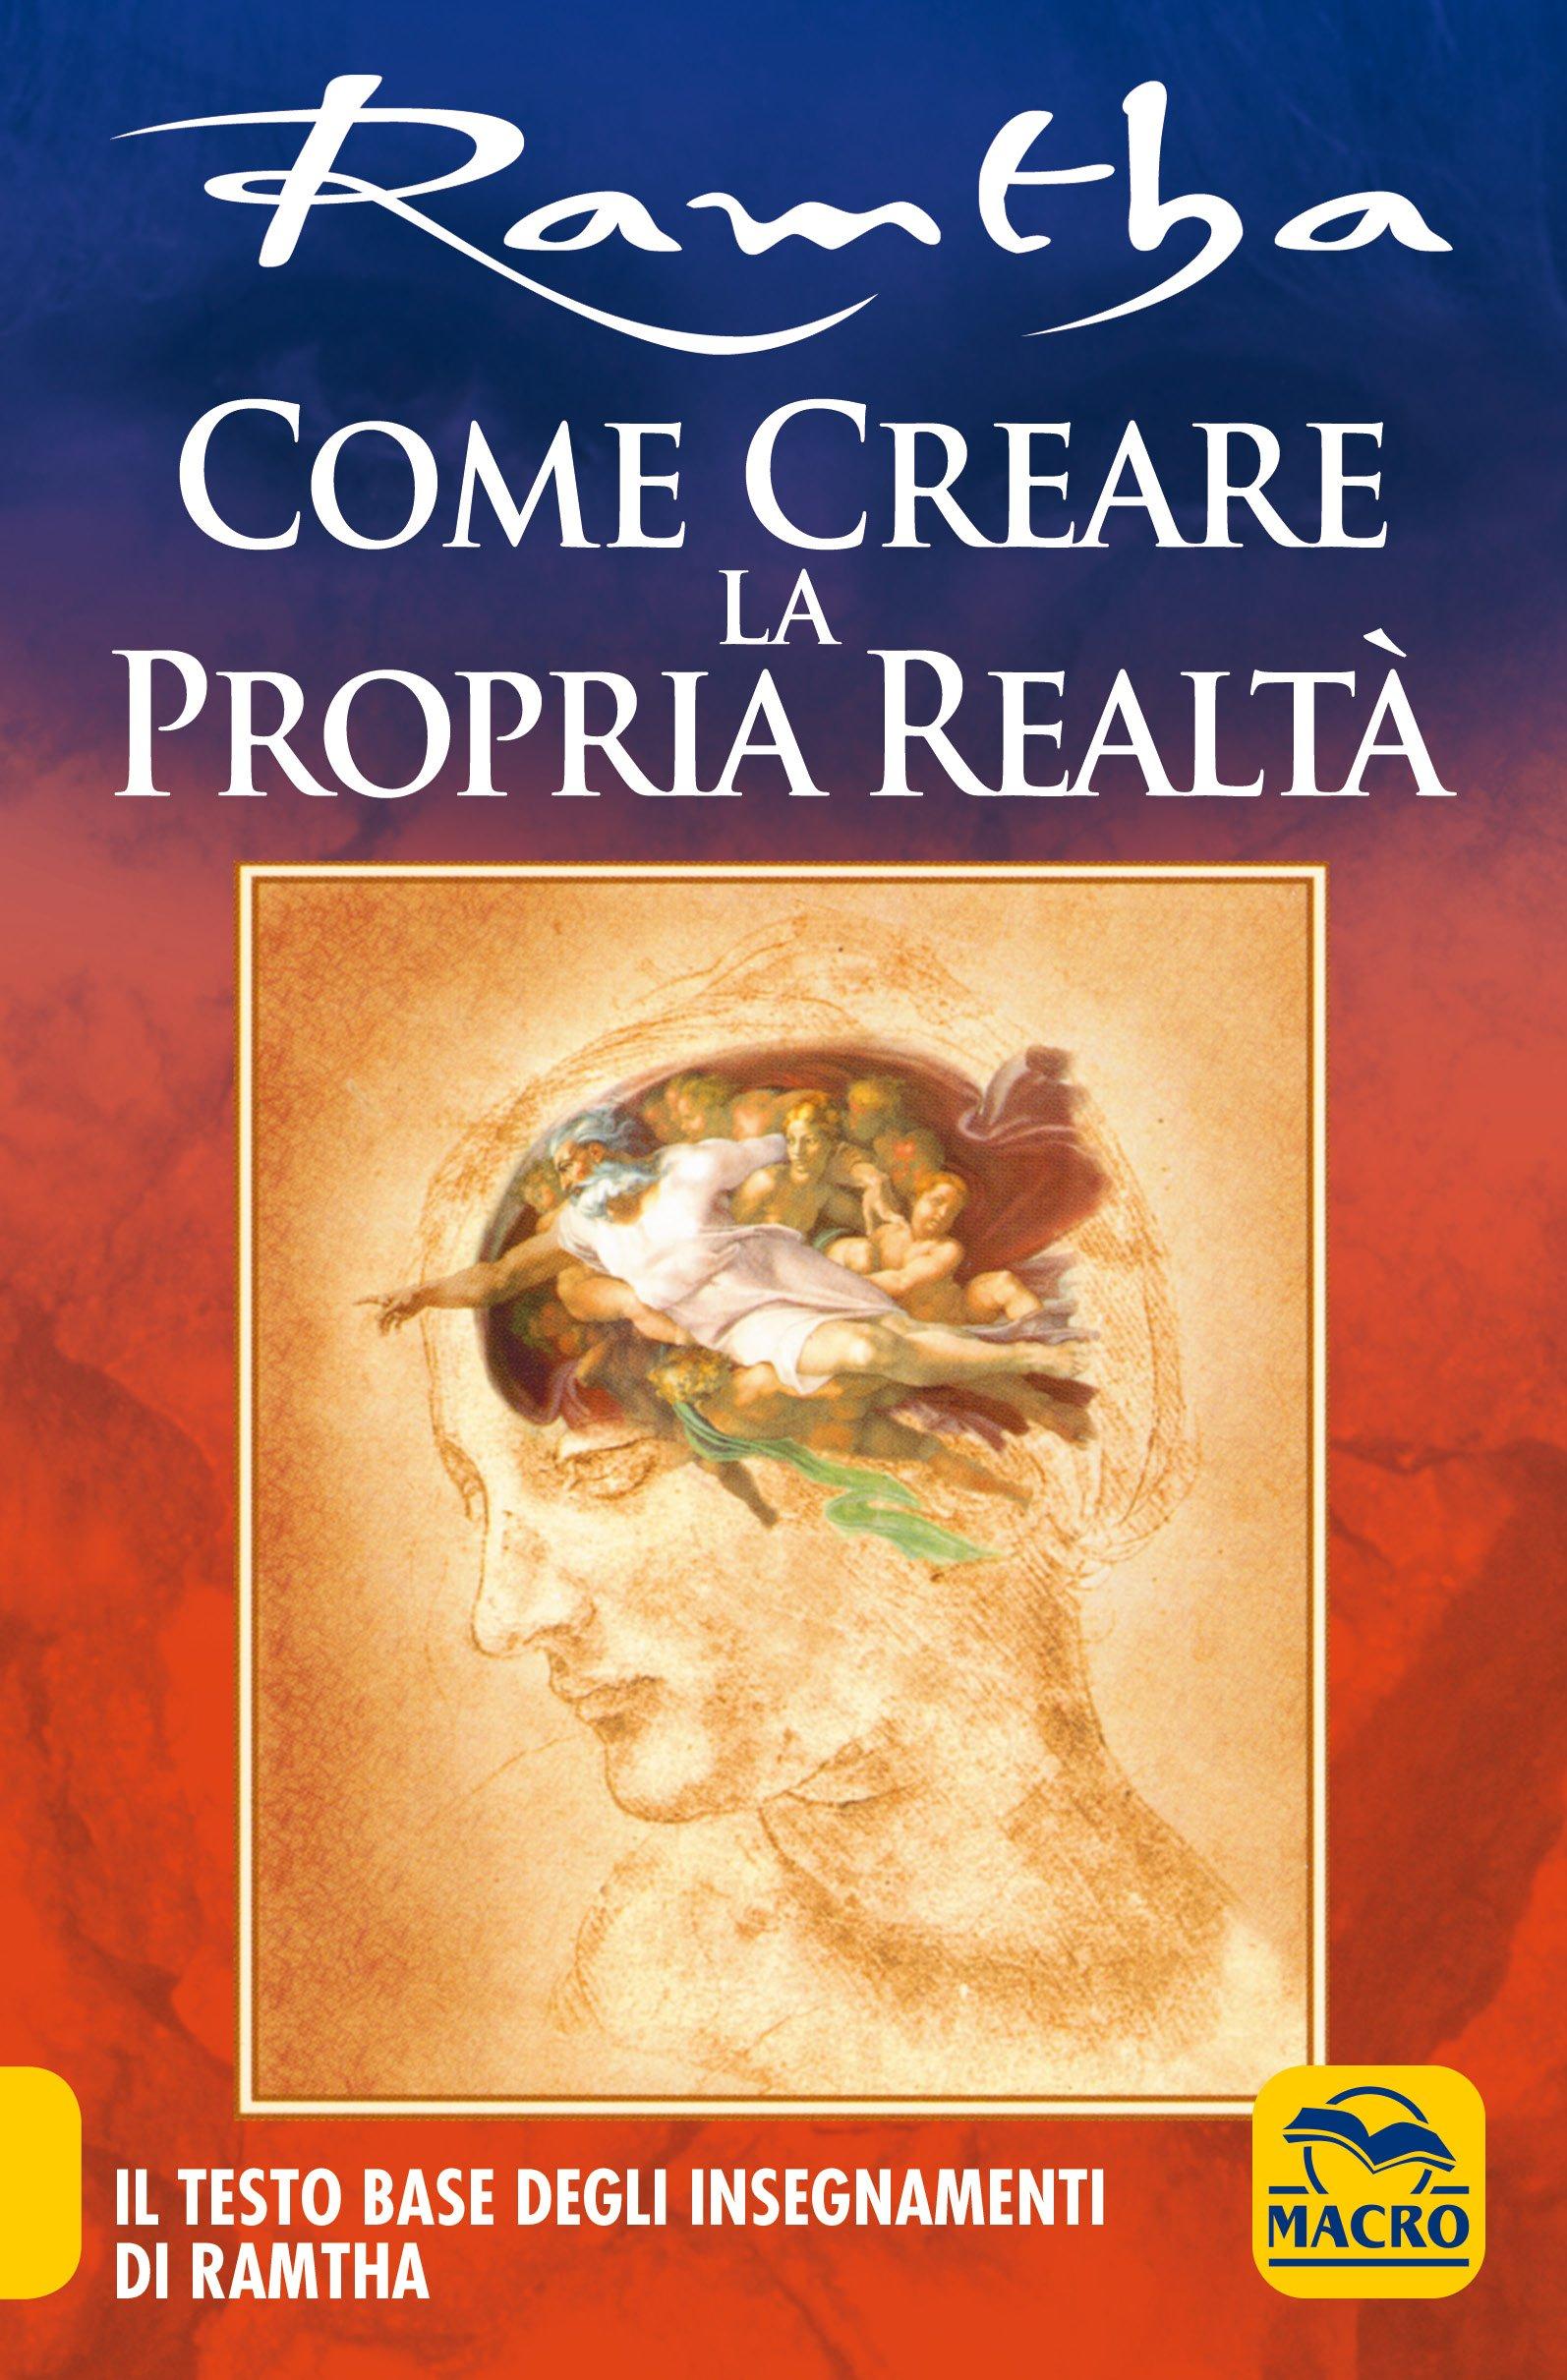 Come creare la propria realta 39 di ramtha for Creare la propria casa